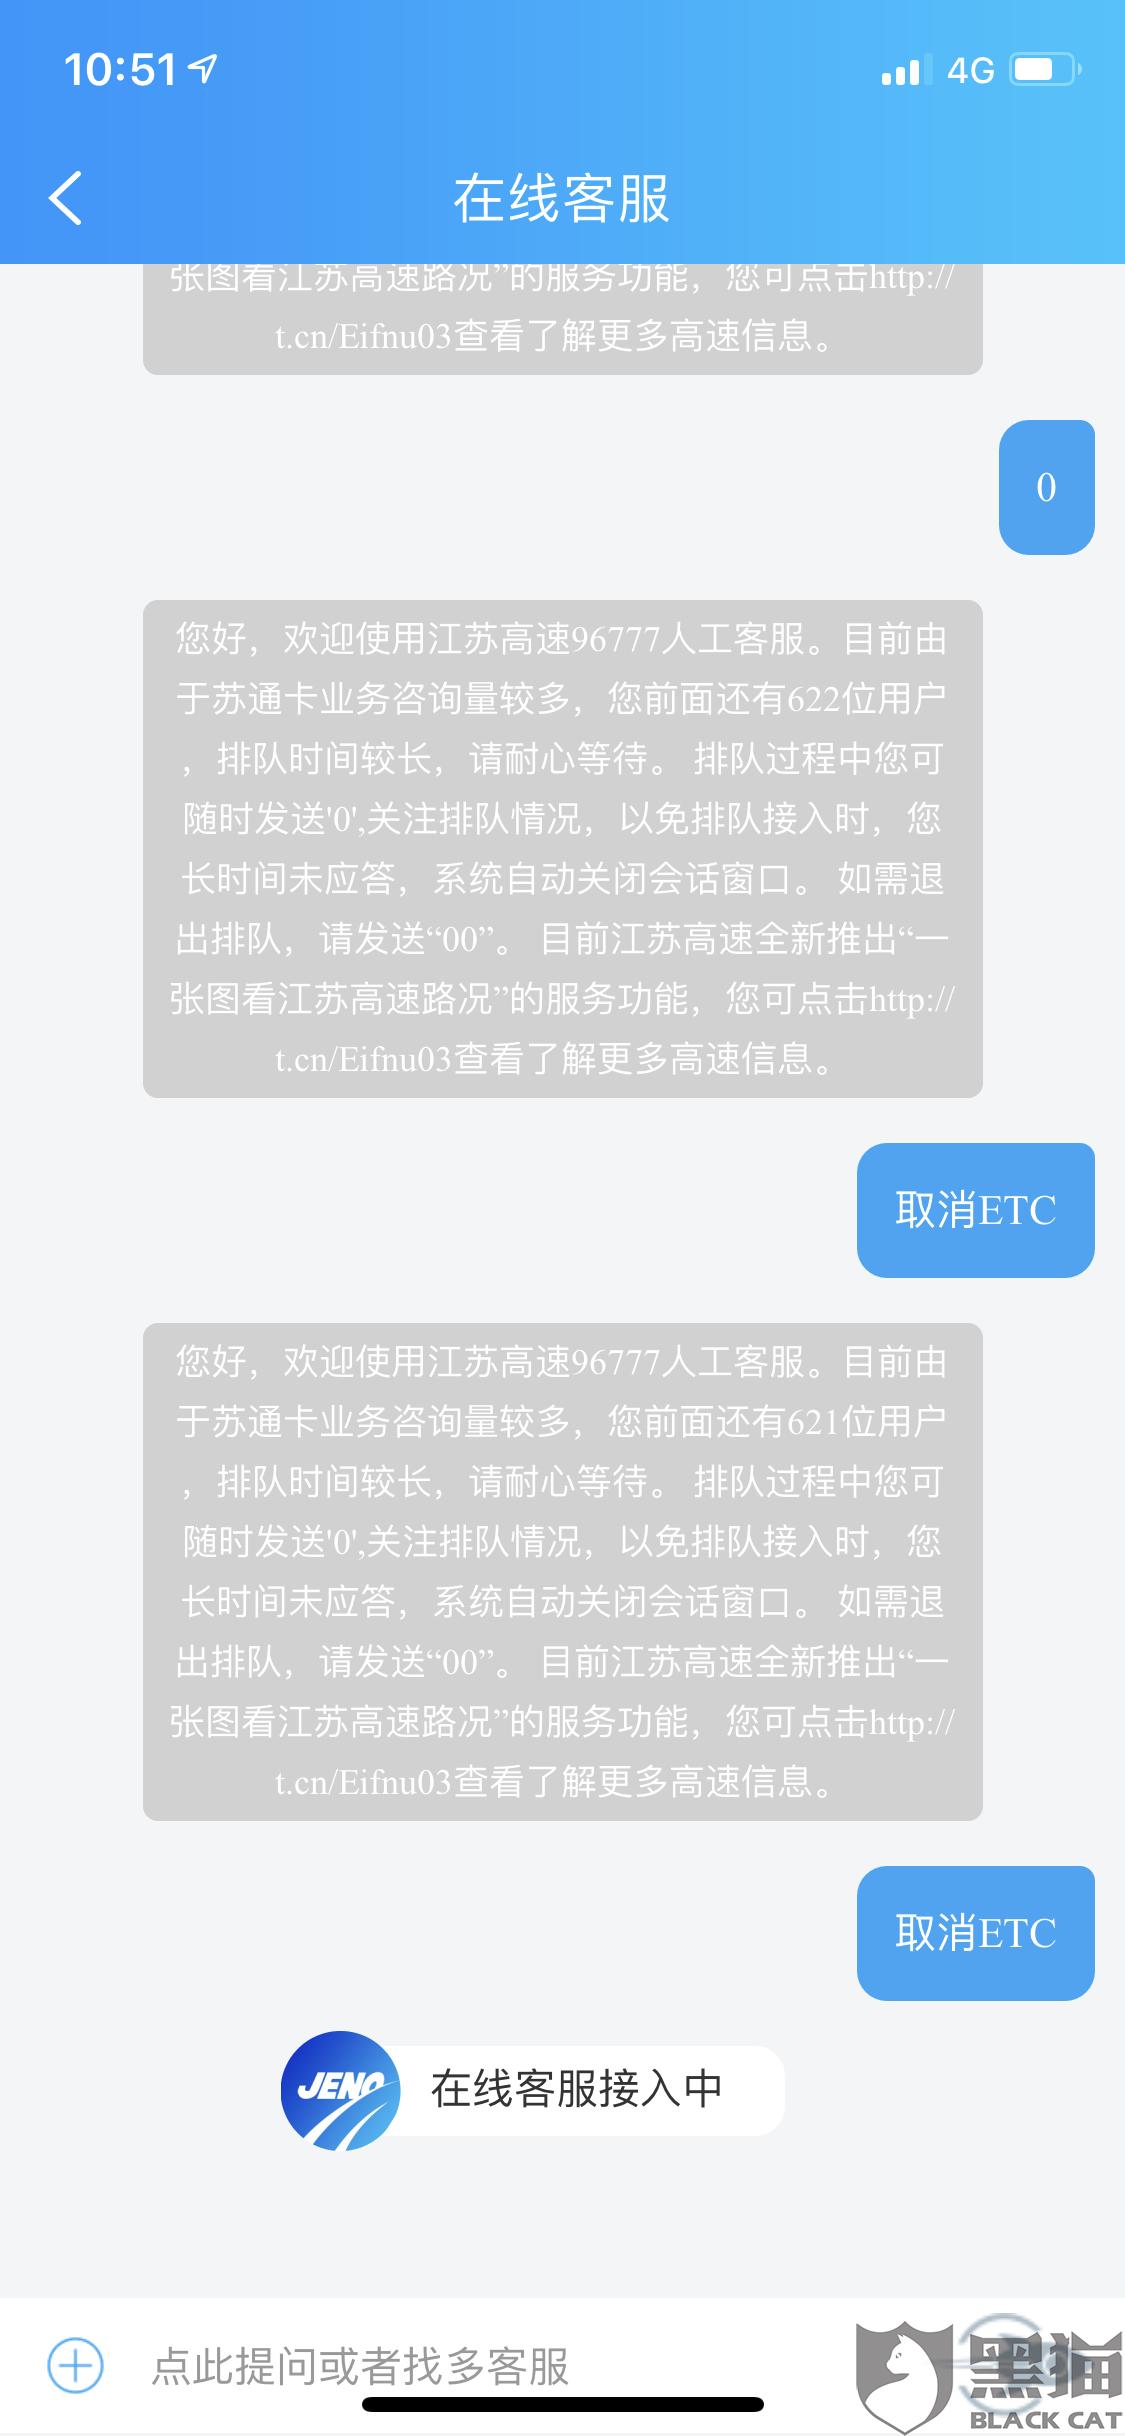 黑猫投诉:手机APP申请自助办理ETC,结果现在给我绑定了账号,又没给我发OBU